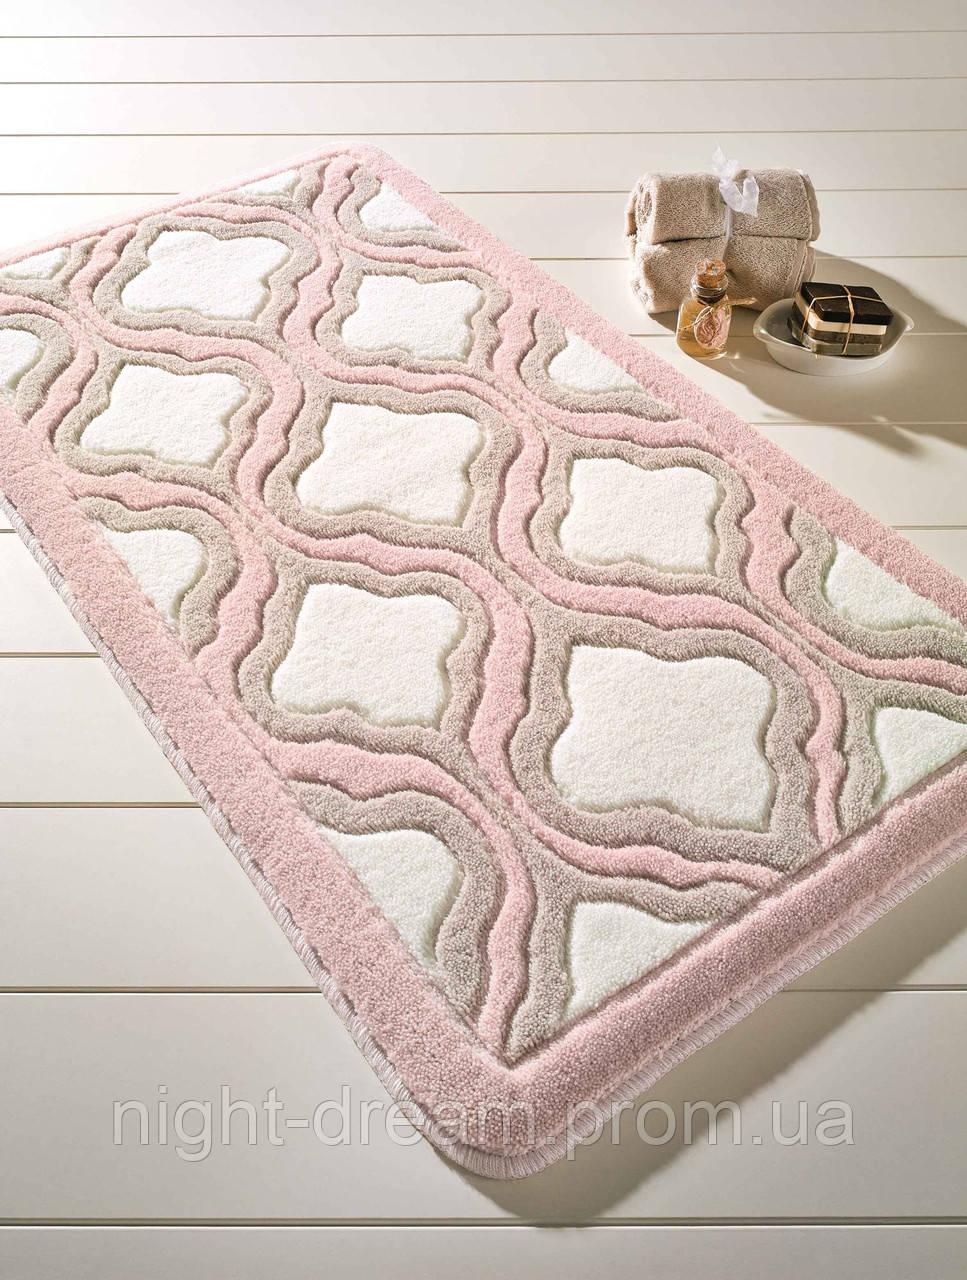 Коврик 80х140 Confetti Bella Tiffany розовый